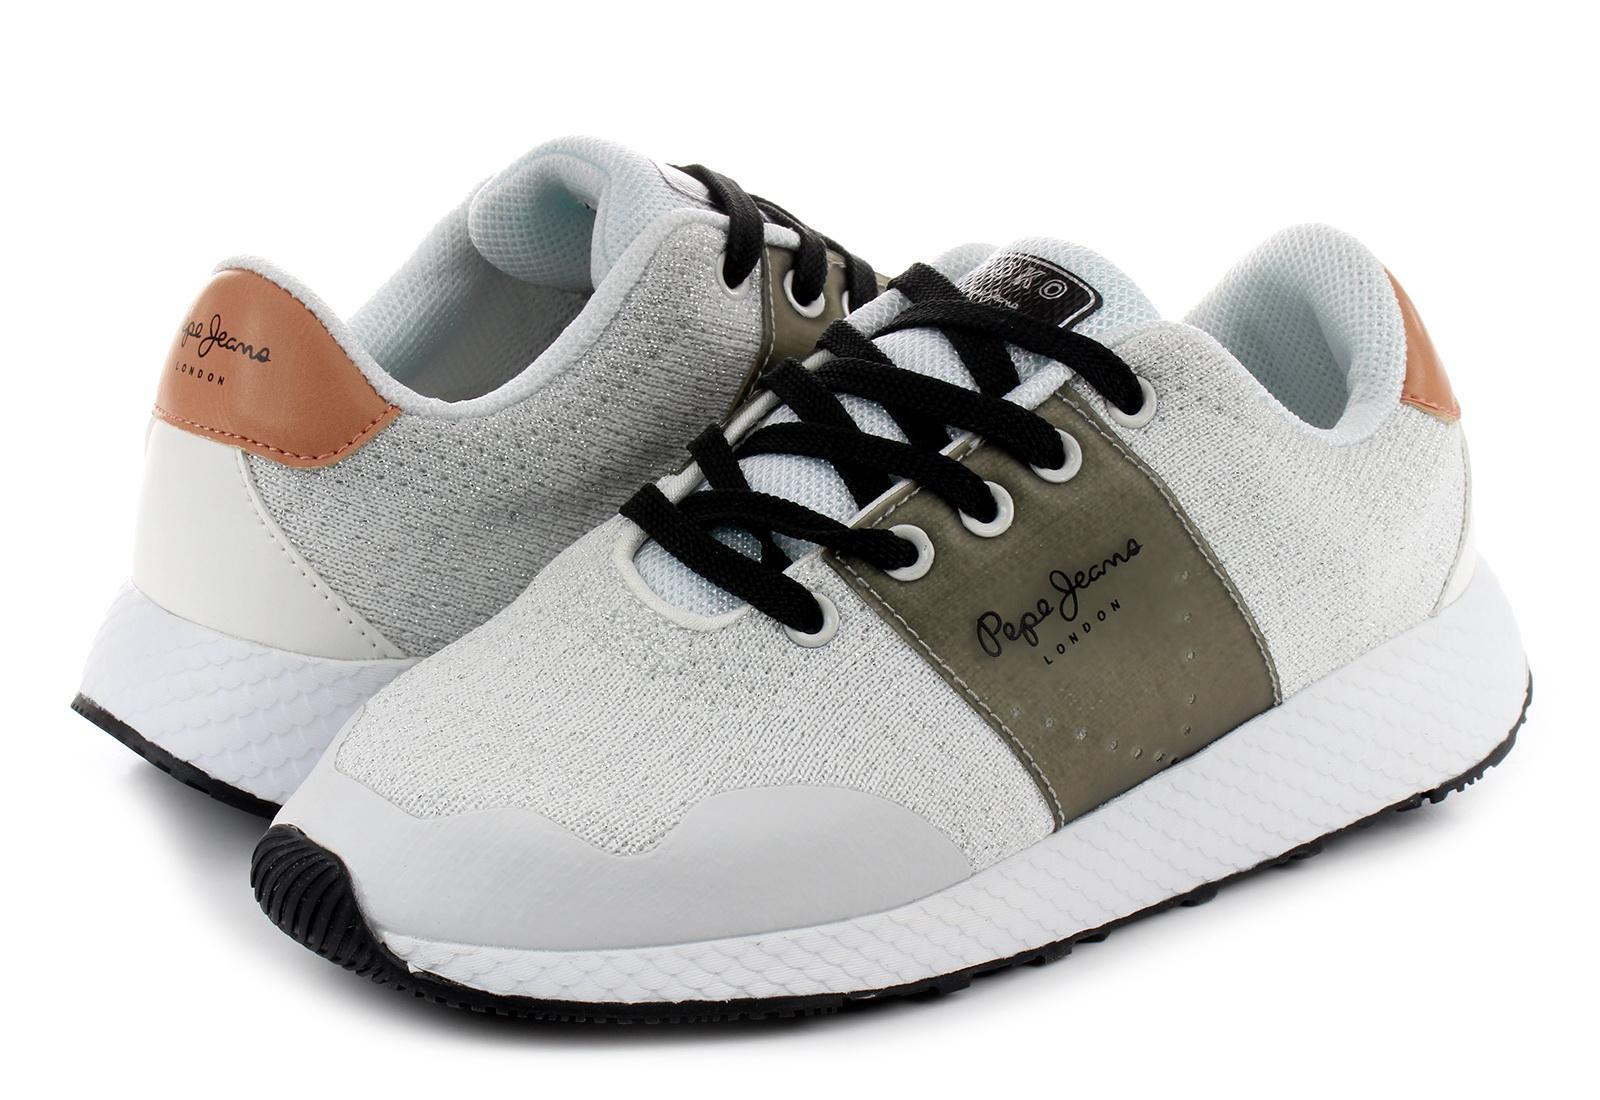 a0c41f249a Pepe Jeans Topánky - Koko Sand19 - PLS30841800 - Tenisky